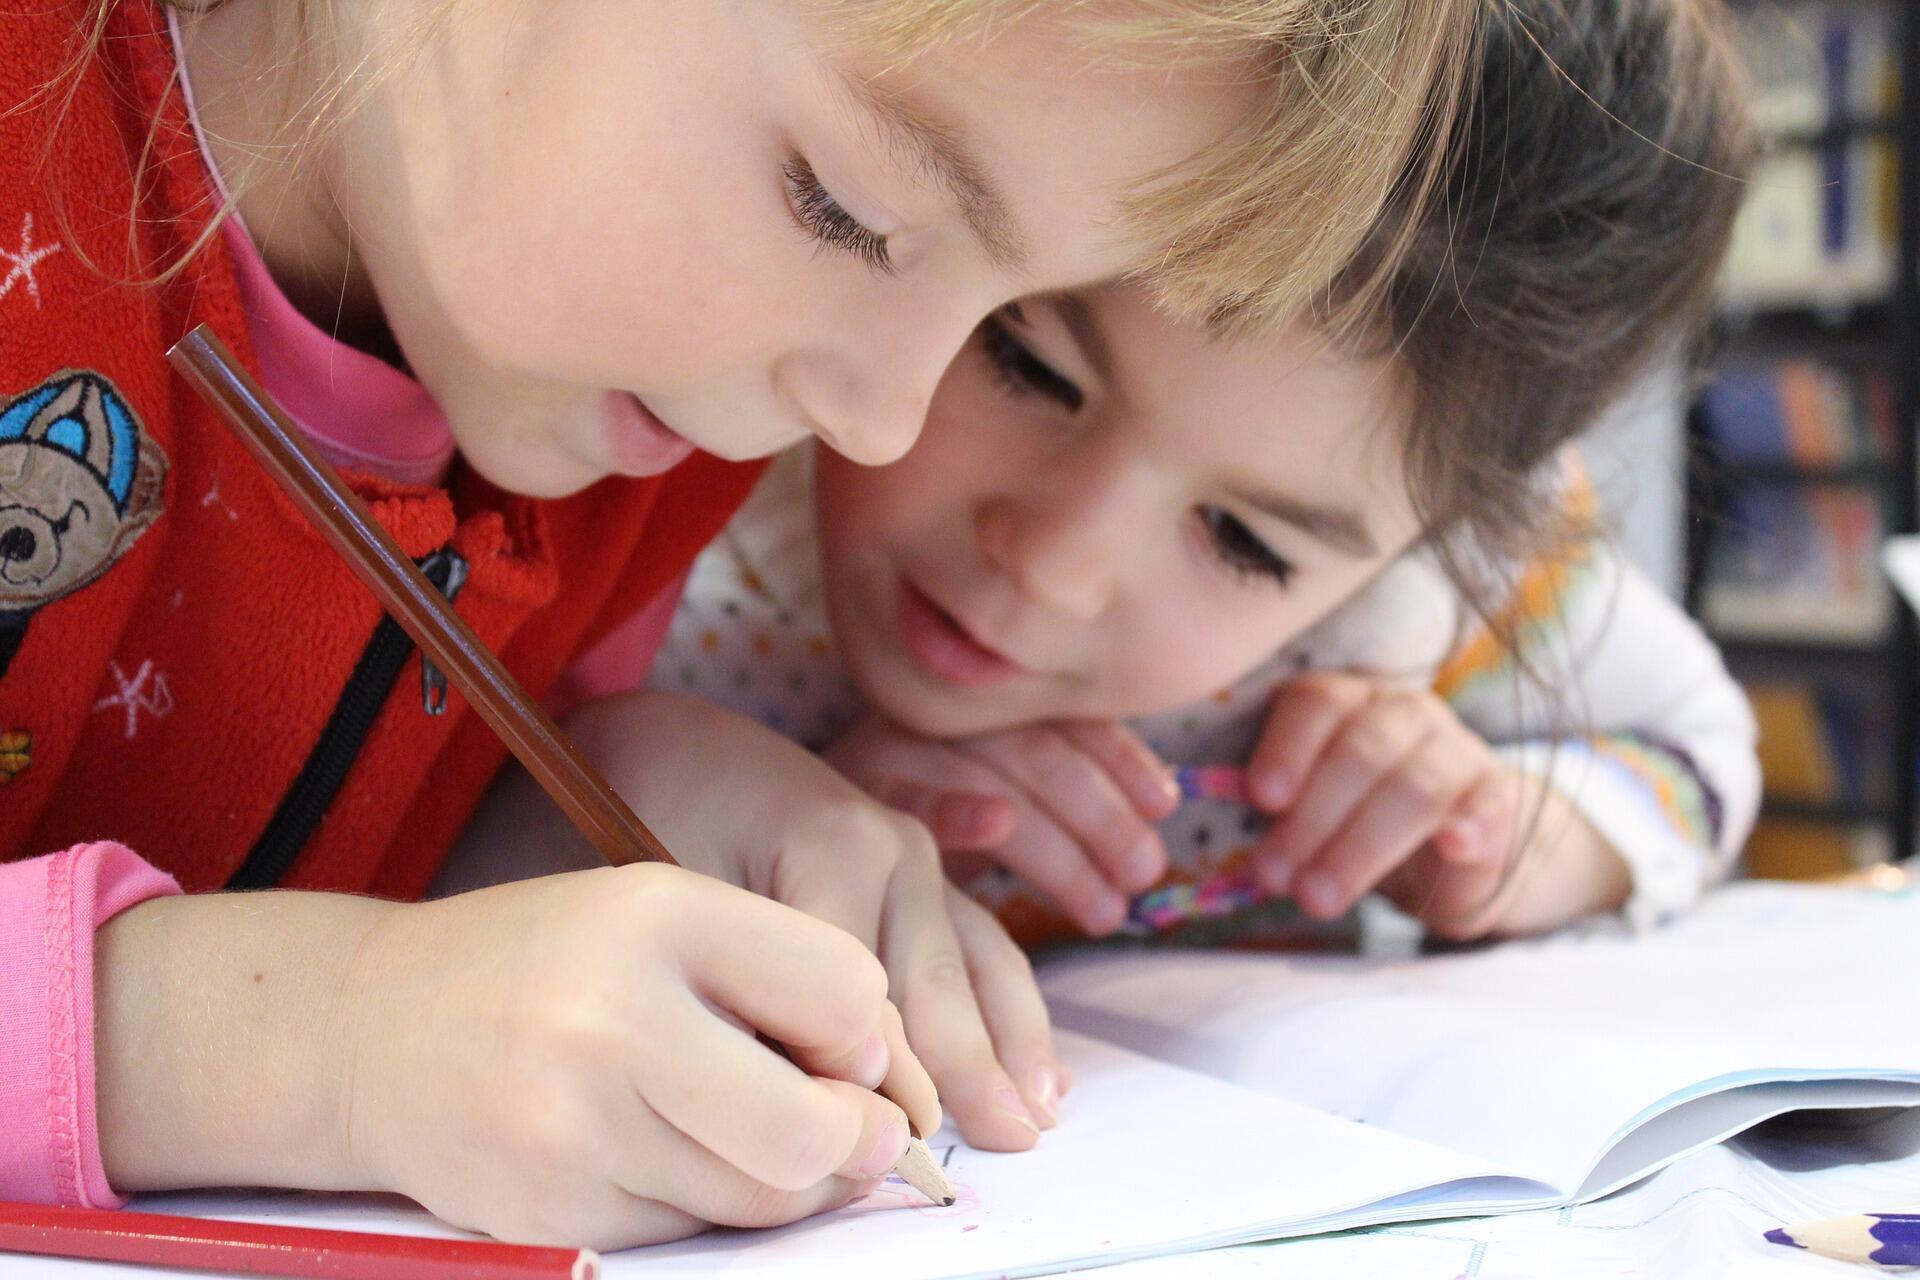 Dificuldade para as crianças de escrever fazem cada vez mais parte da rotina de pais e professores, avaliam especialistas.